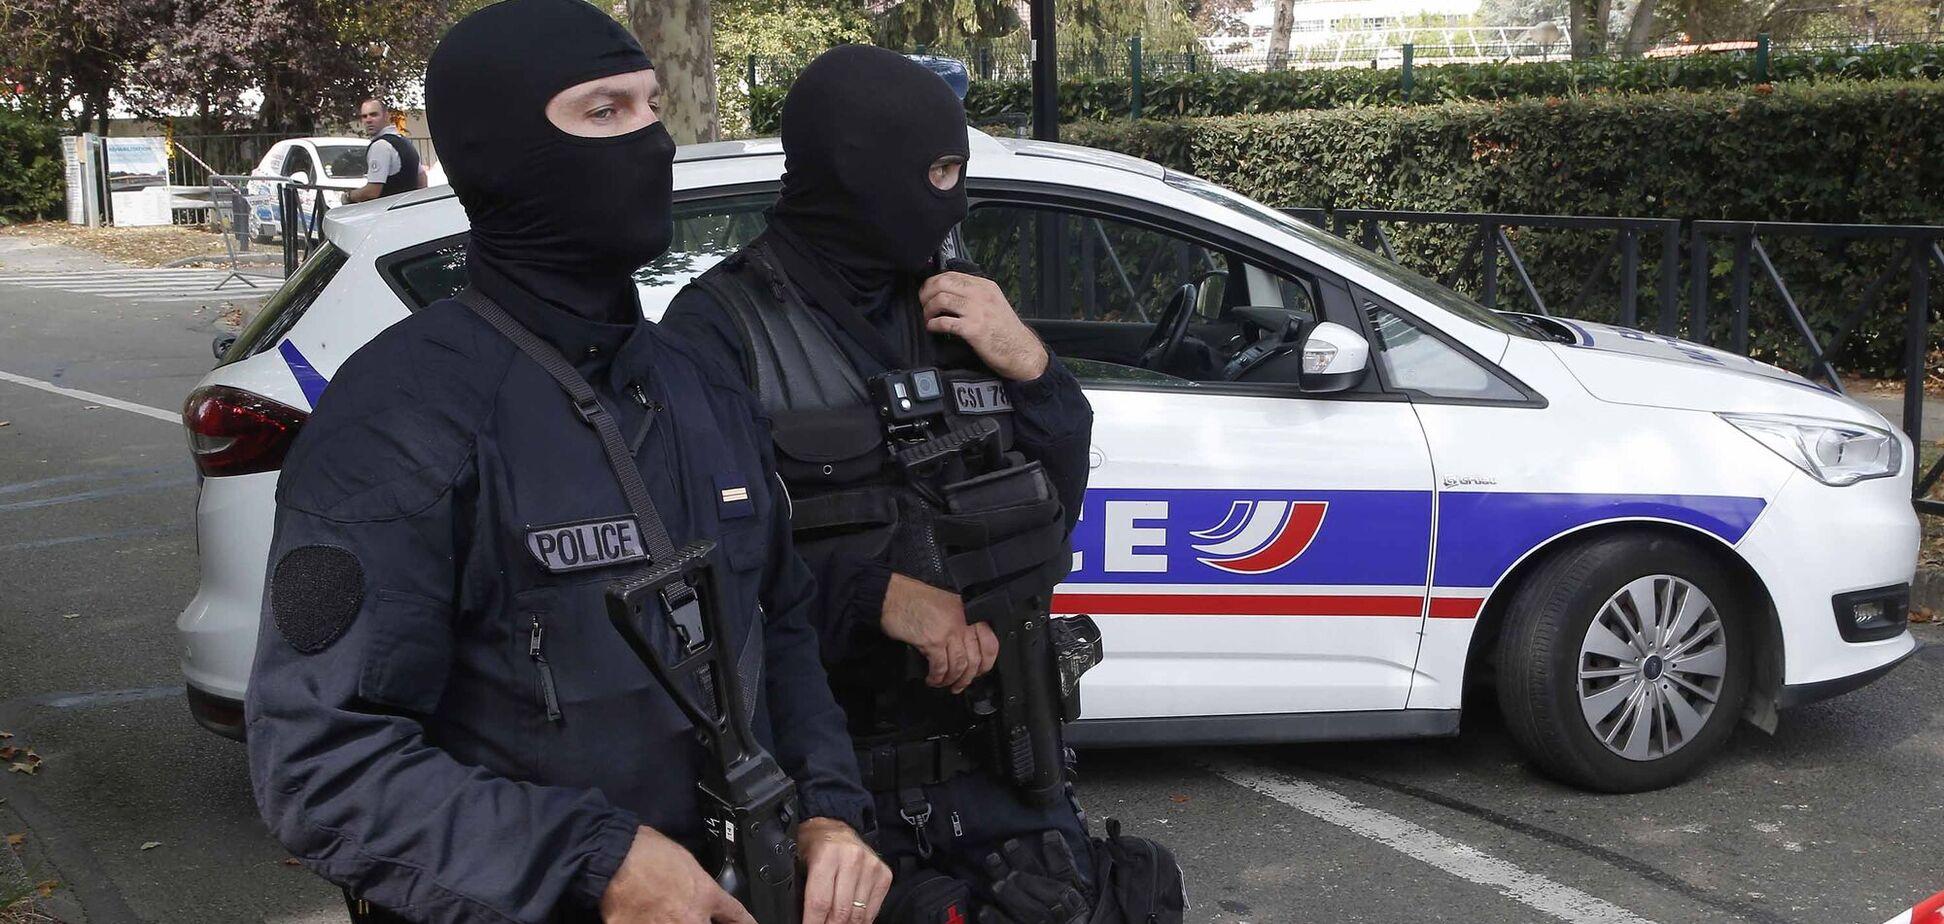 Во Франции сообщили о заминированном авто возле церкви